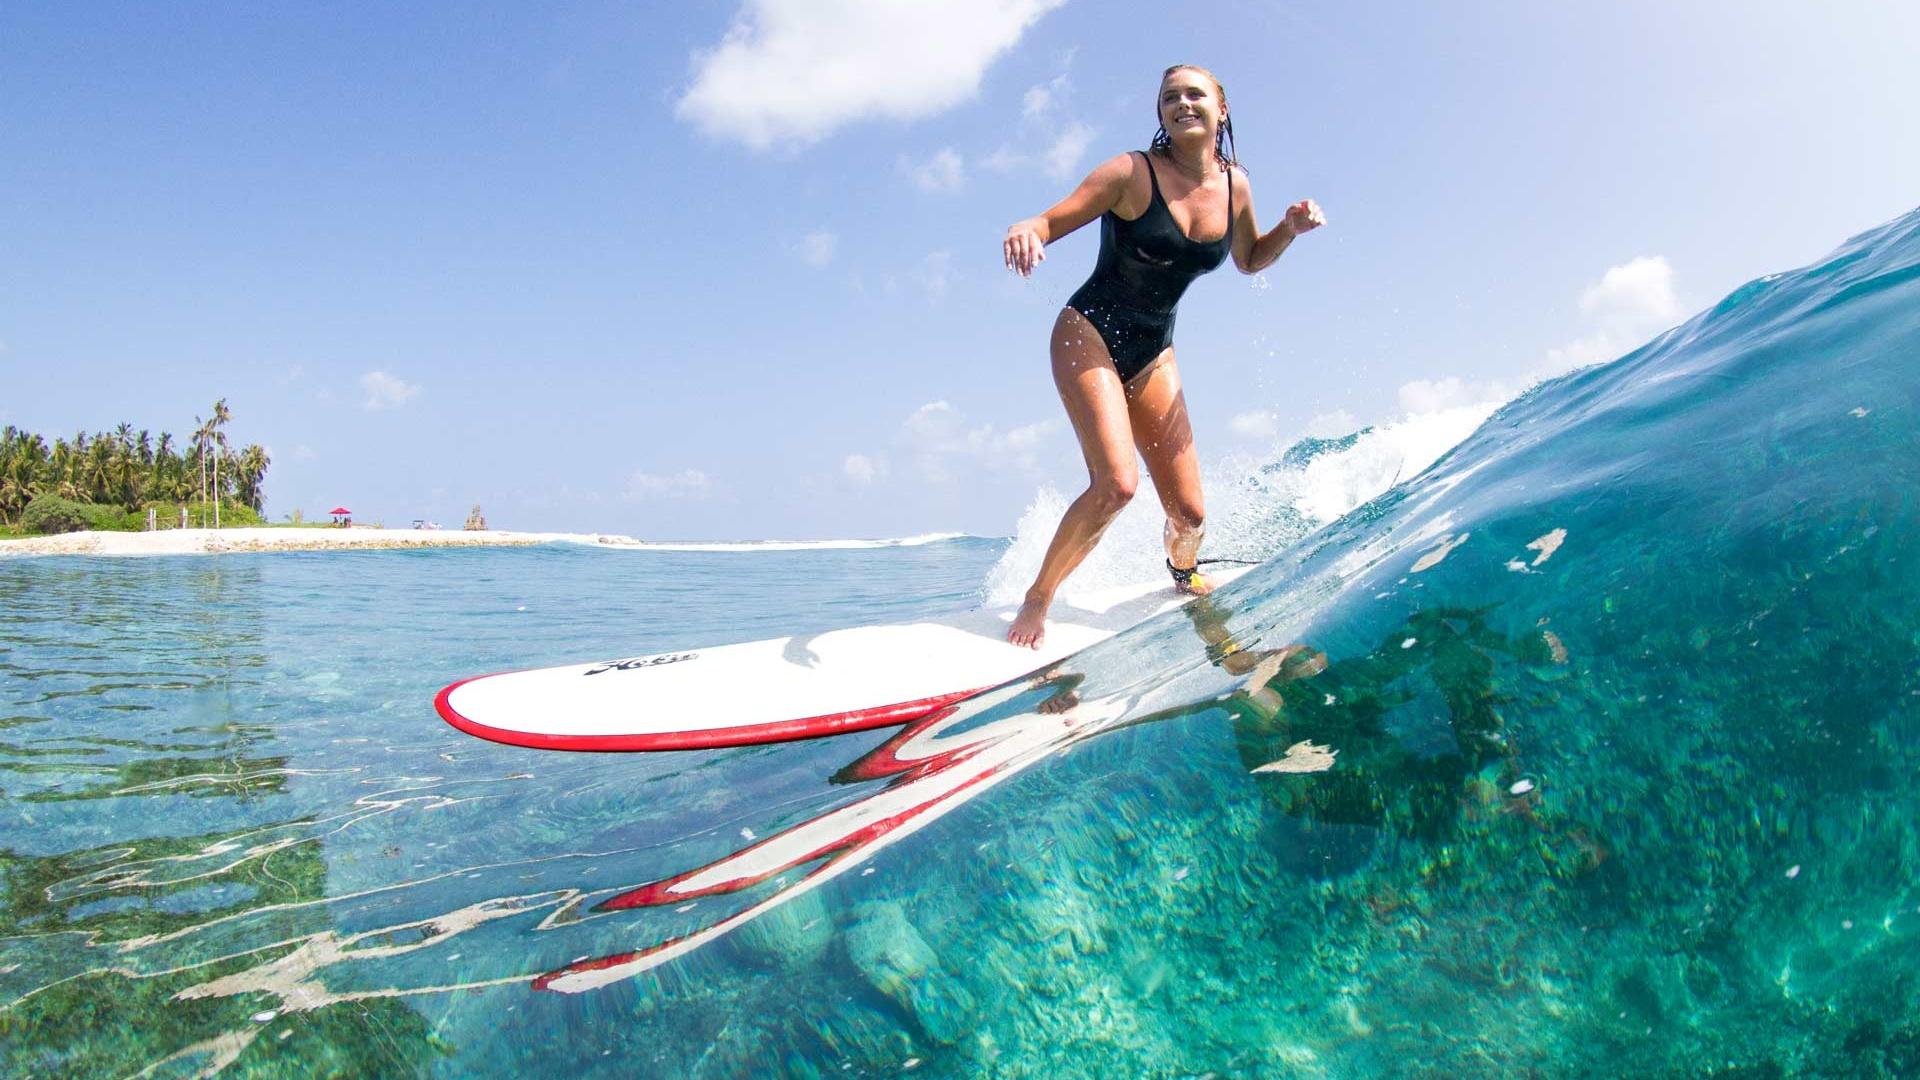 Surfer surfing photo